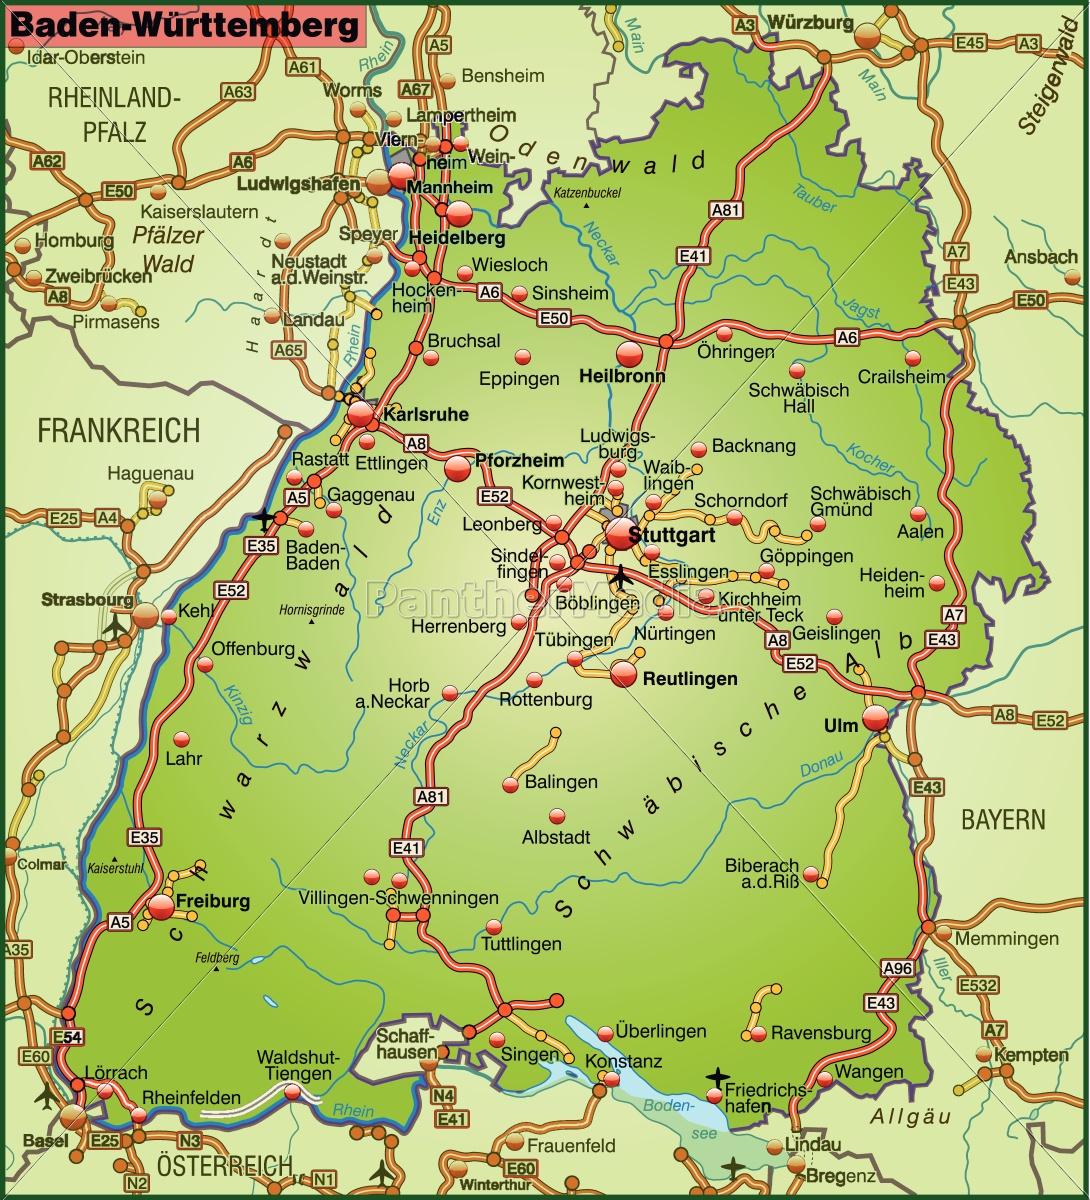 Baden Württemberg Karte.Lizenzfreie Vektorgrafik 10689123 Karte Von Baden Wuerttemberg Mit Verkehrsnetz